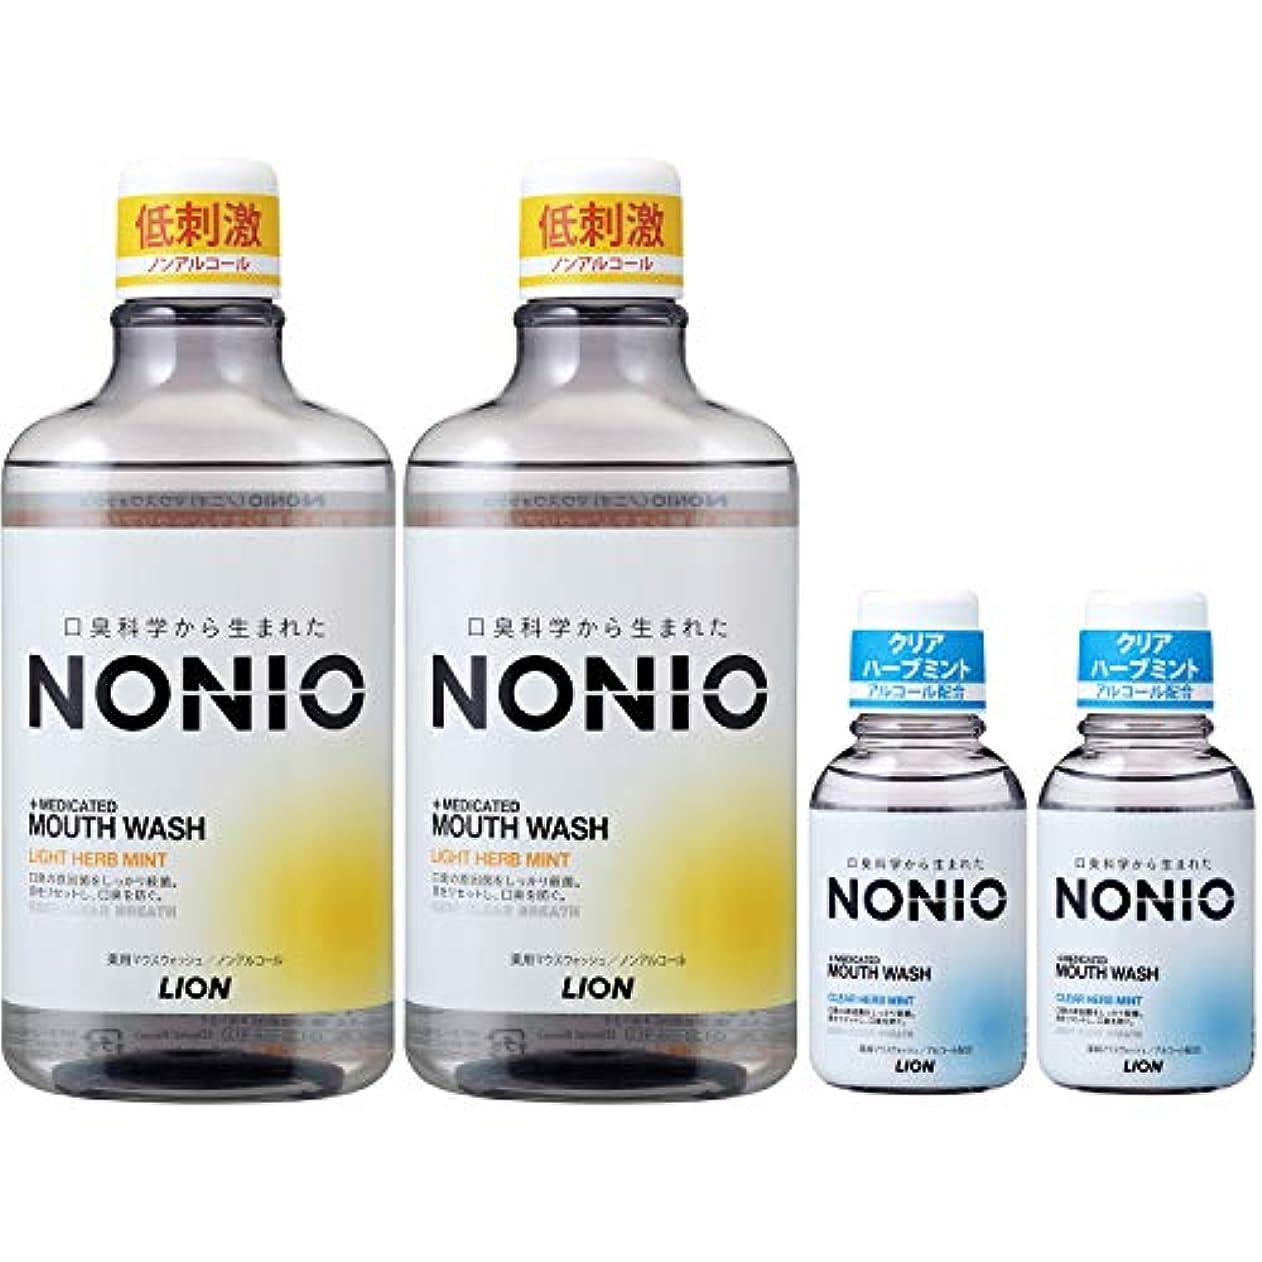 [医薬部外品]NONIO マウスウォッシュ ノンアルコール ライトハーブミント 600ml×2個 洗口液+ミニリンス80ml×2個